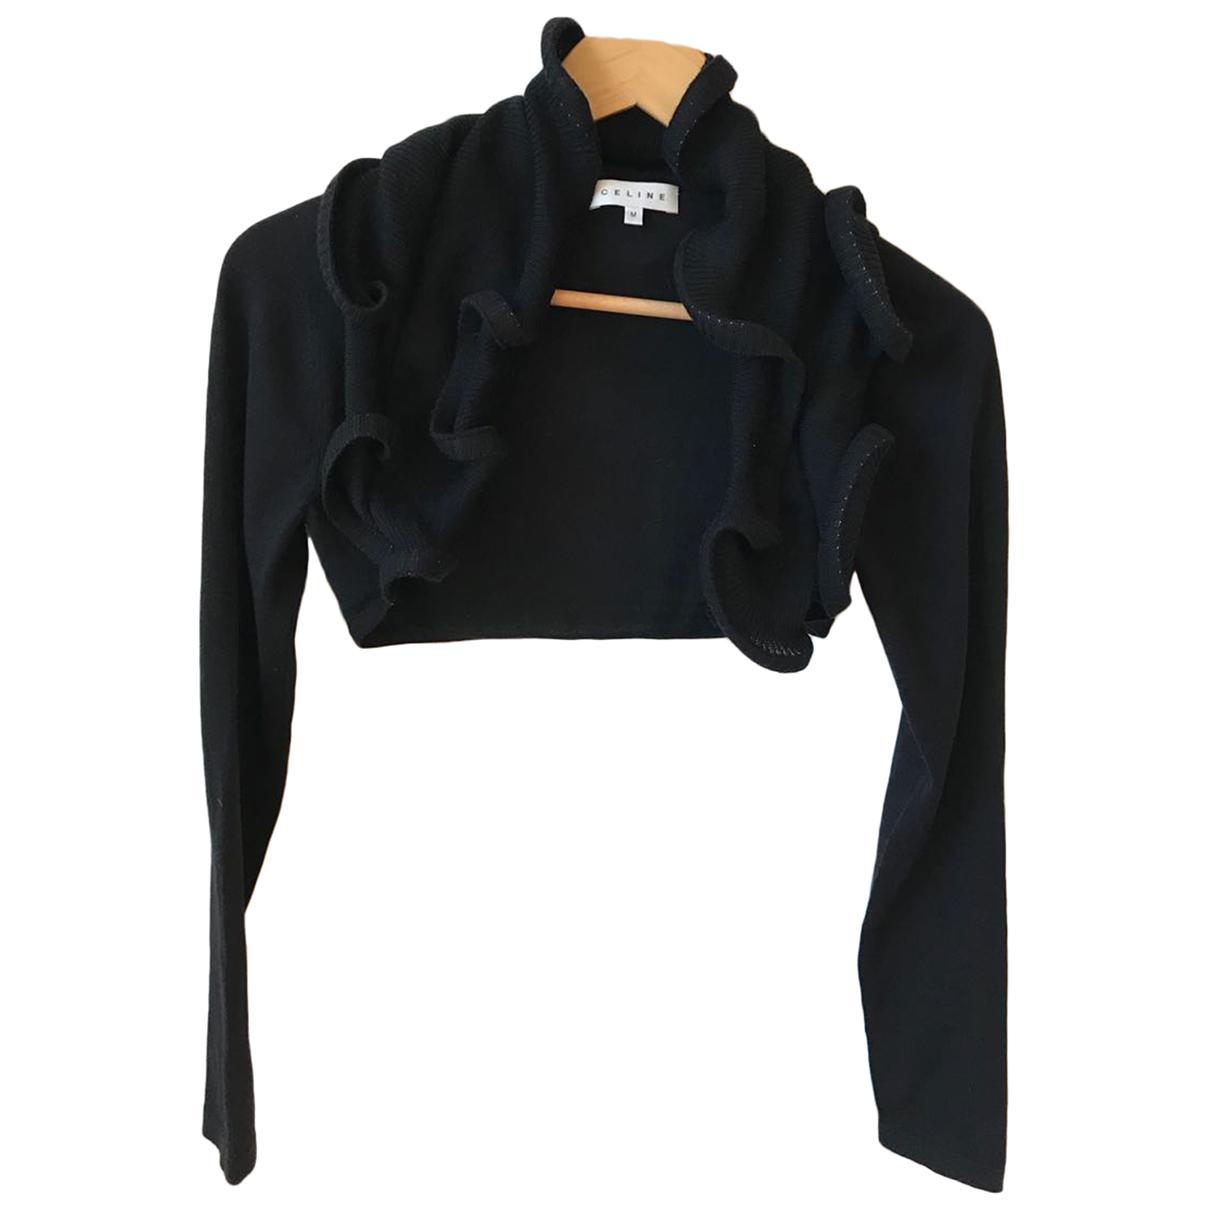 Celine N Black Wool Knitwear for Women M International